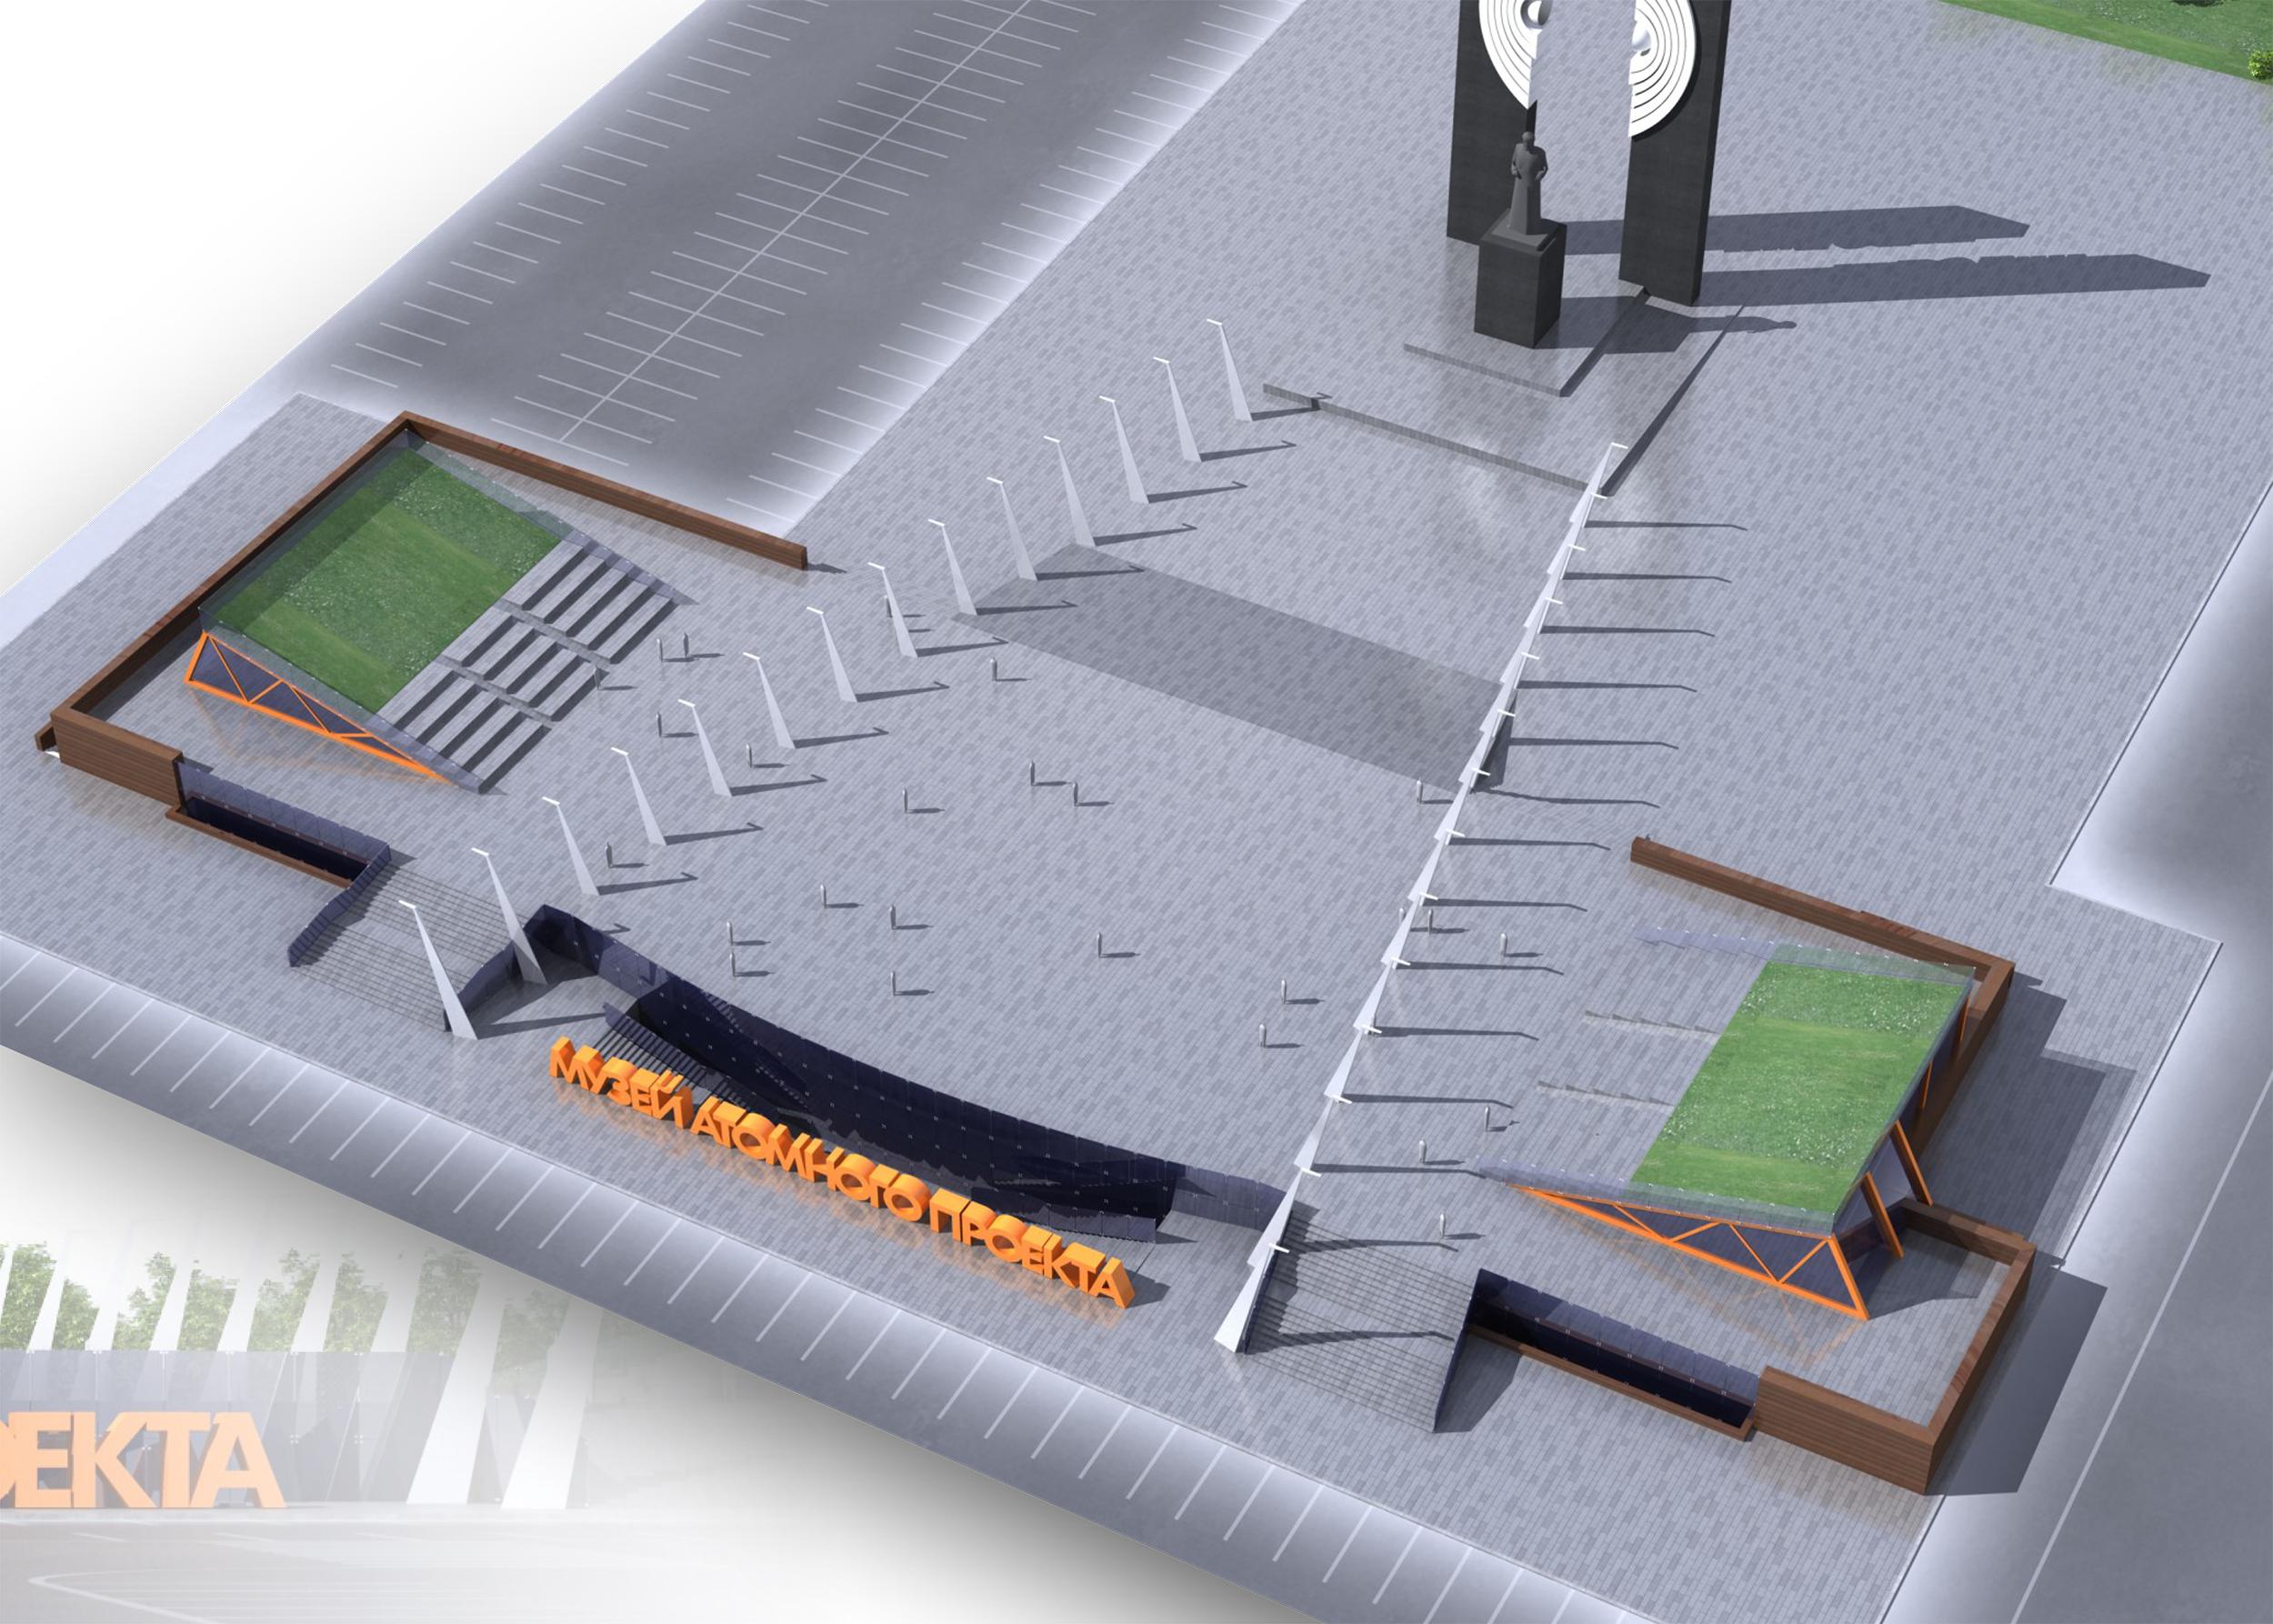 Дизайнеры атомного проекта разработали несколько эскизов